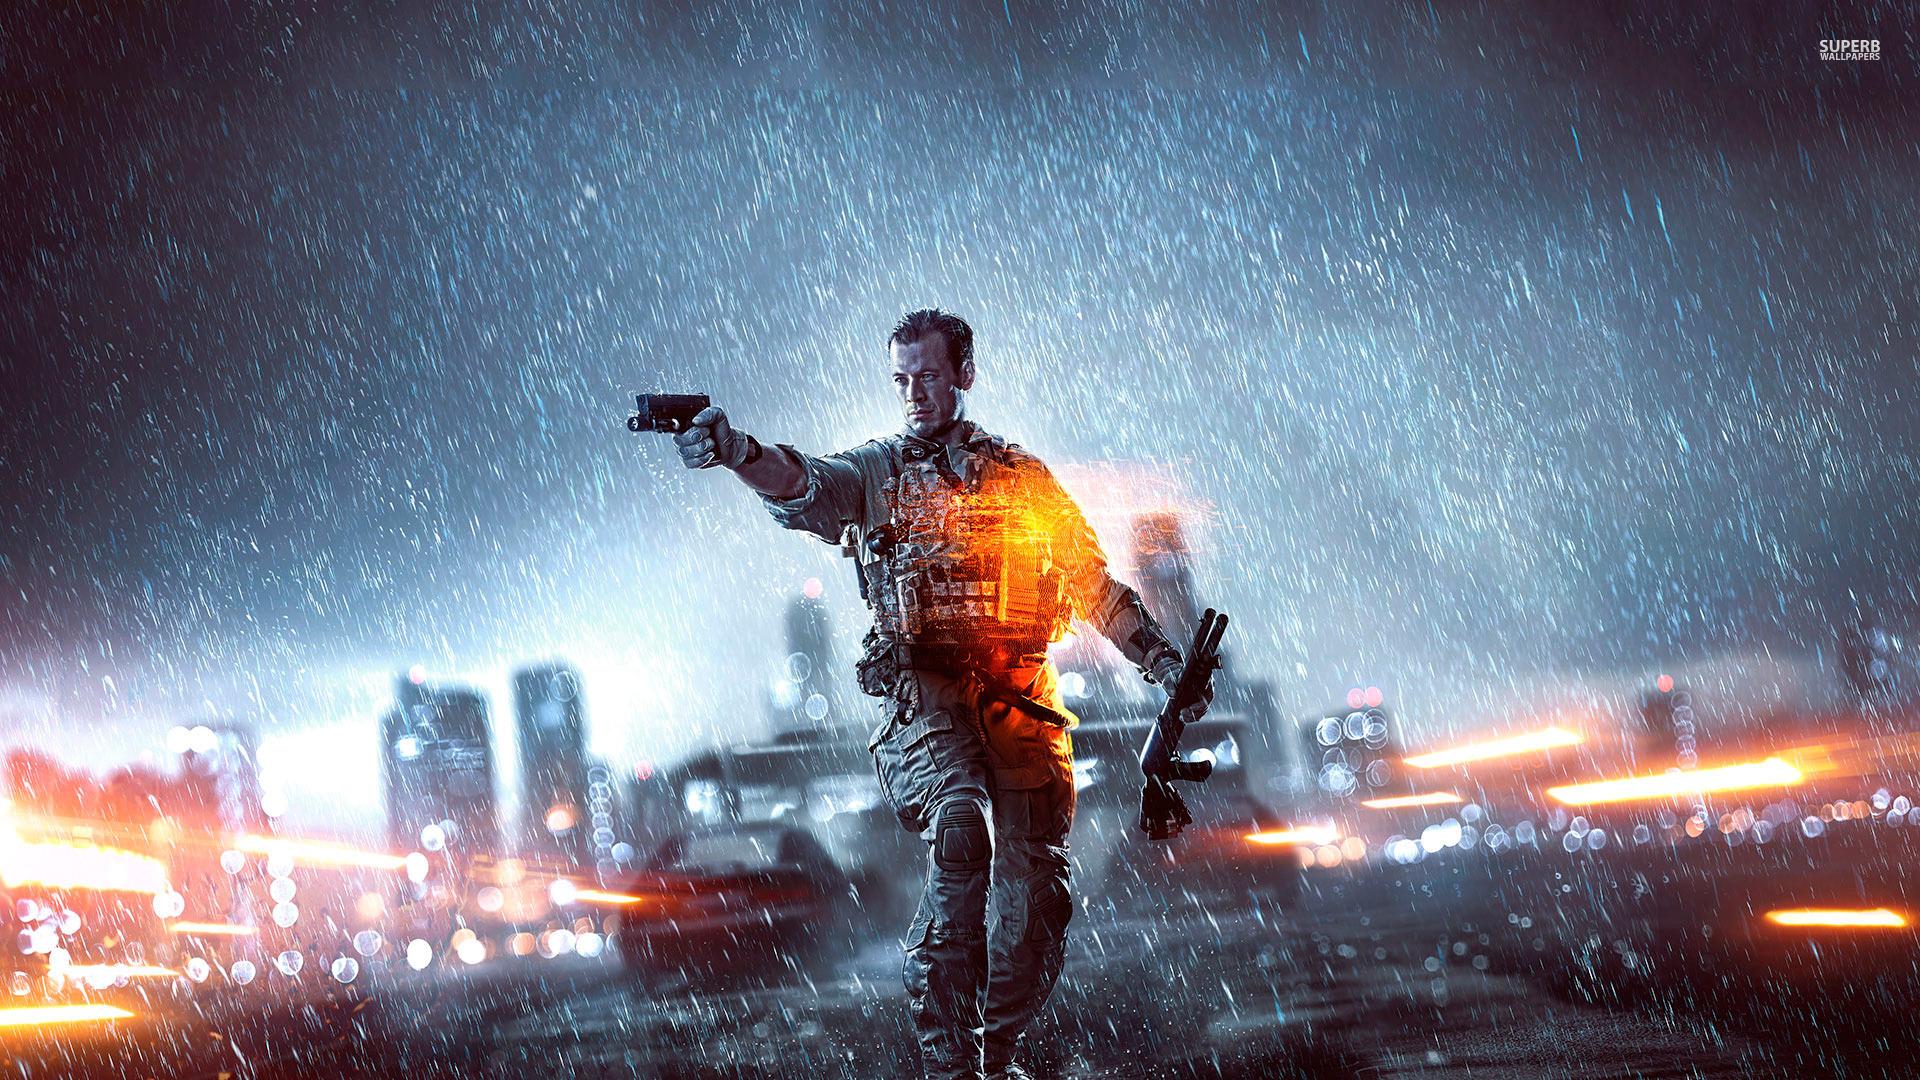 Battlefield 4 wallpaper | 1920x1080 | #52180